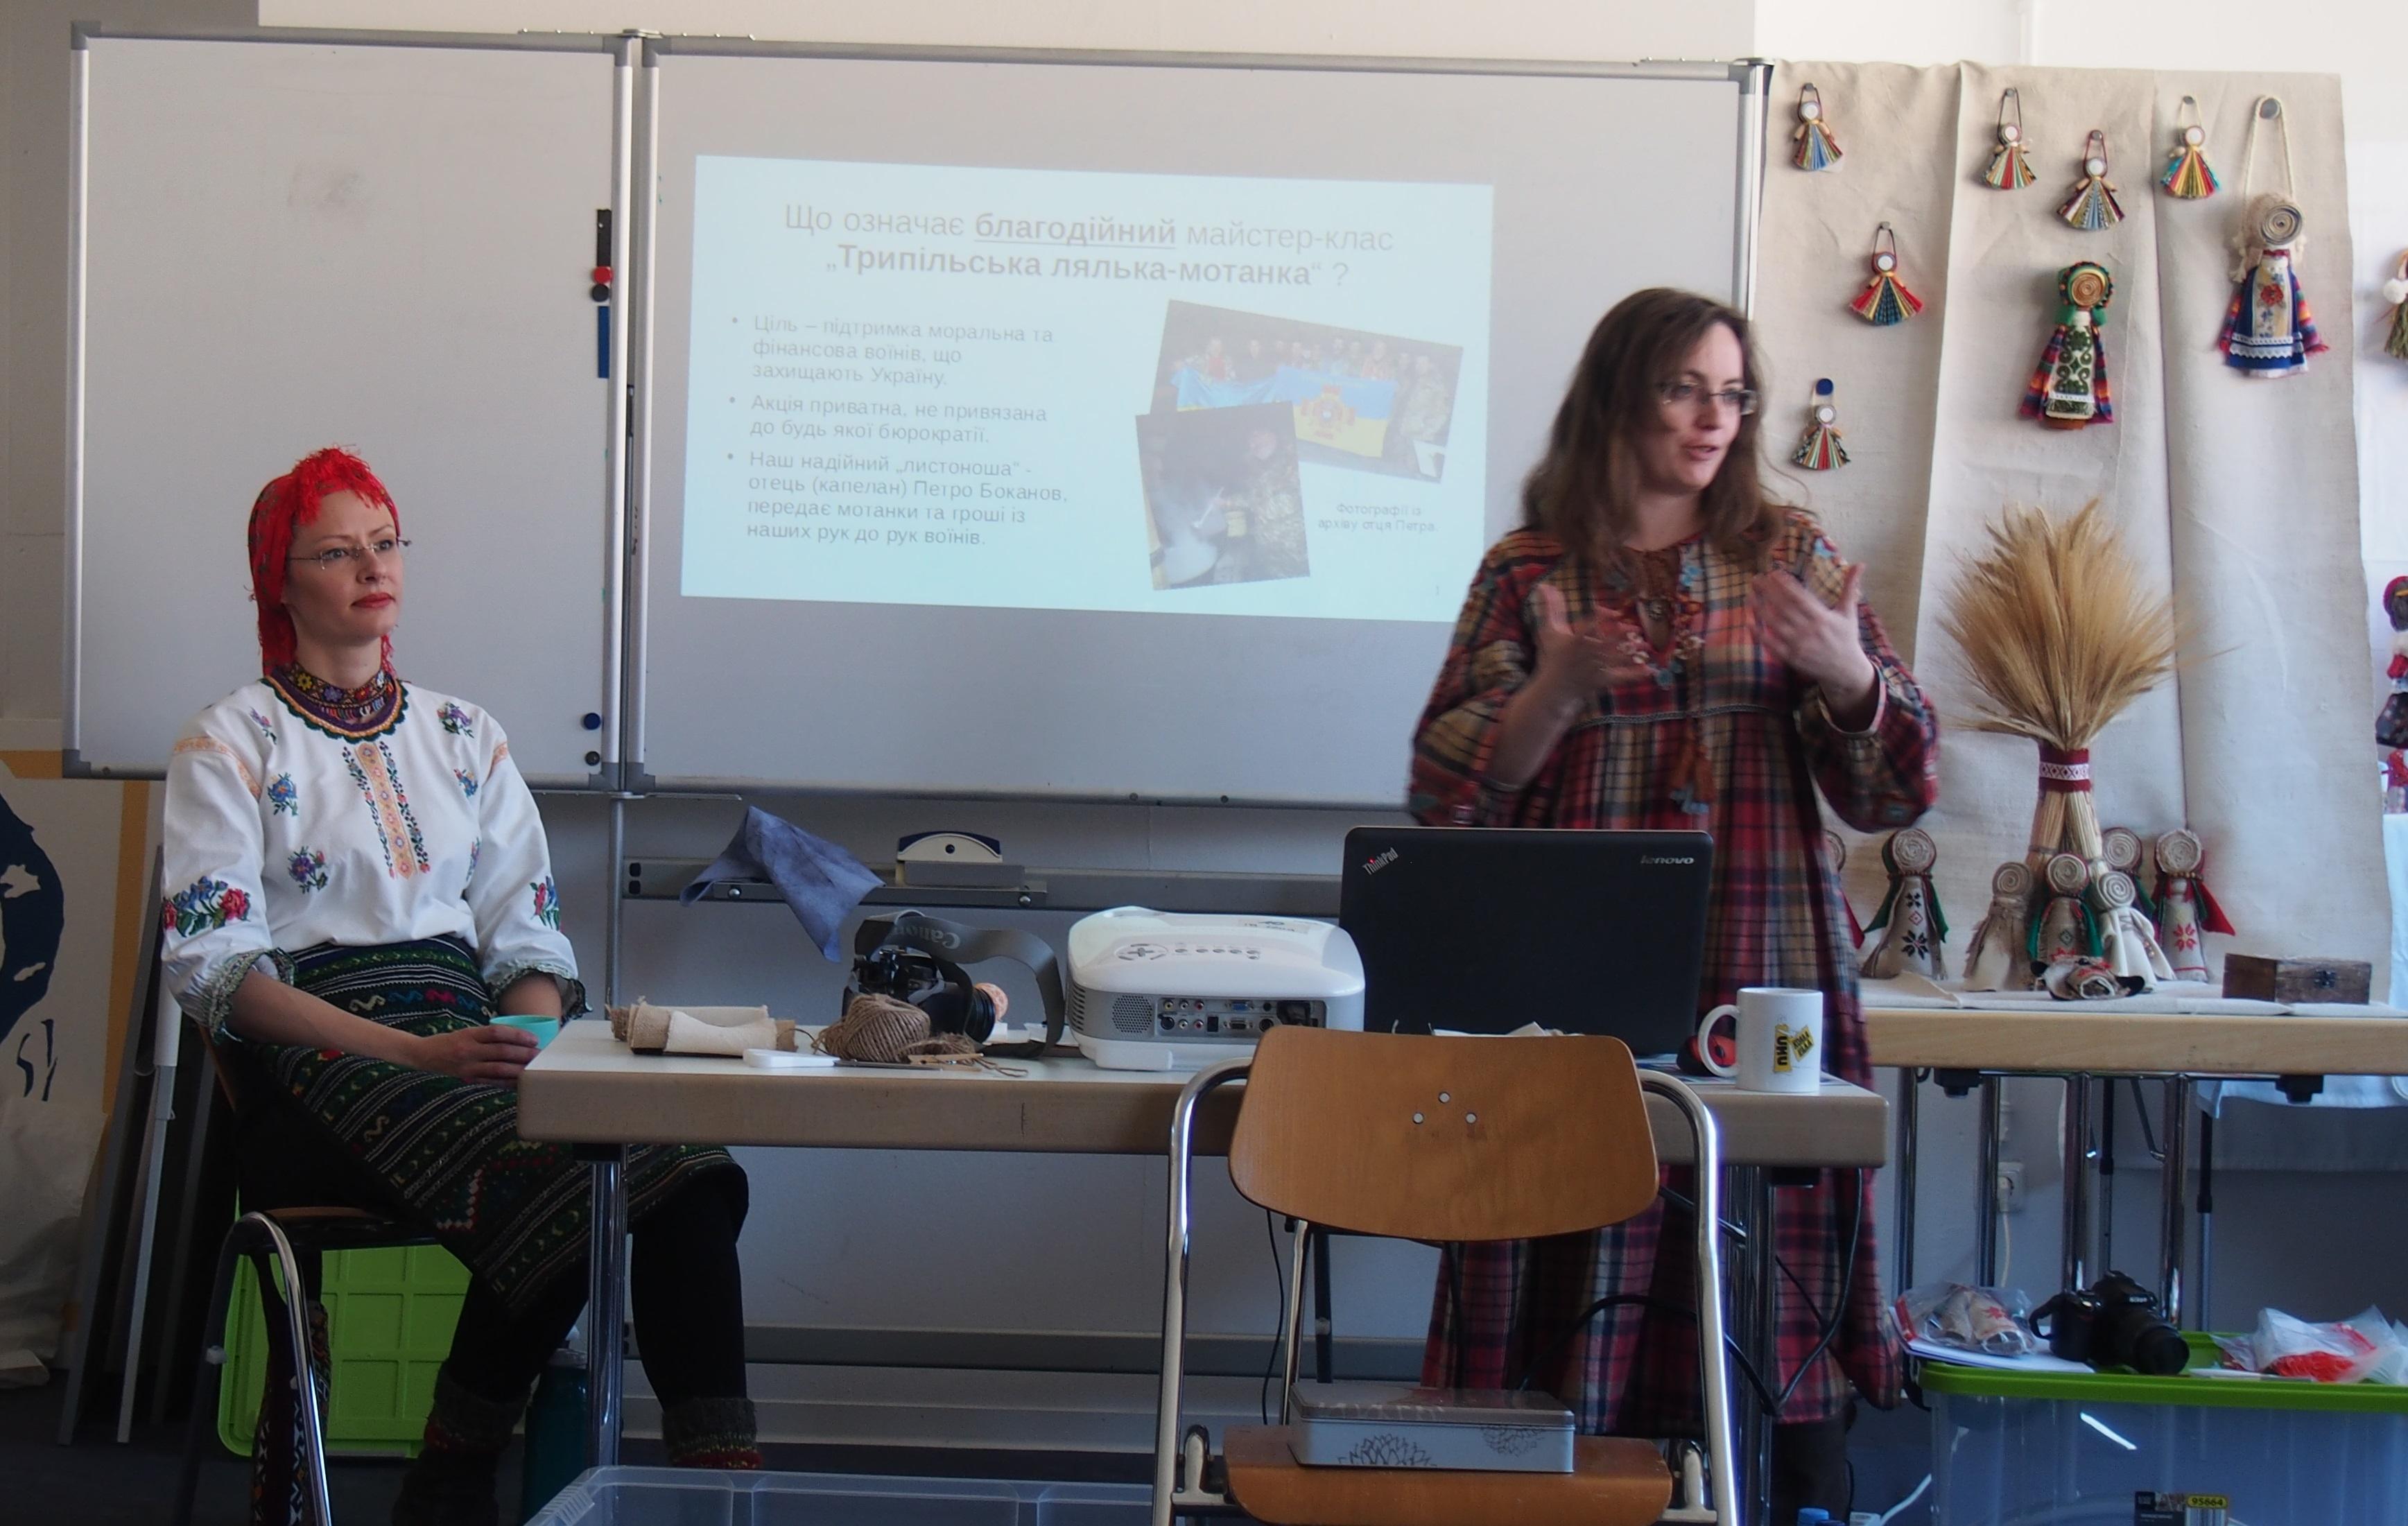 Motanka-Workshop, Vortrag